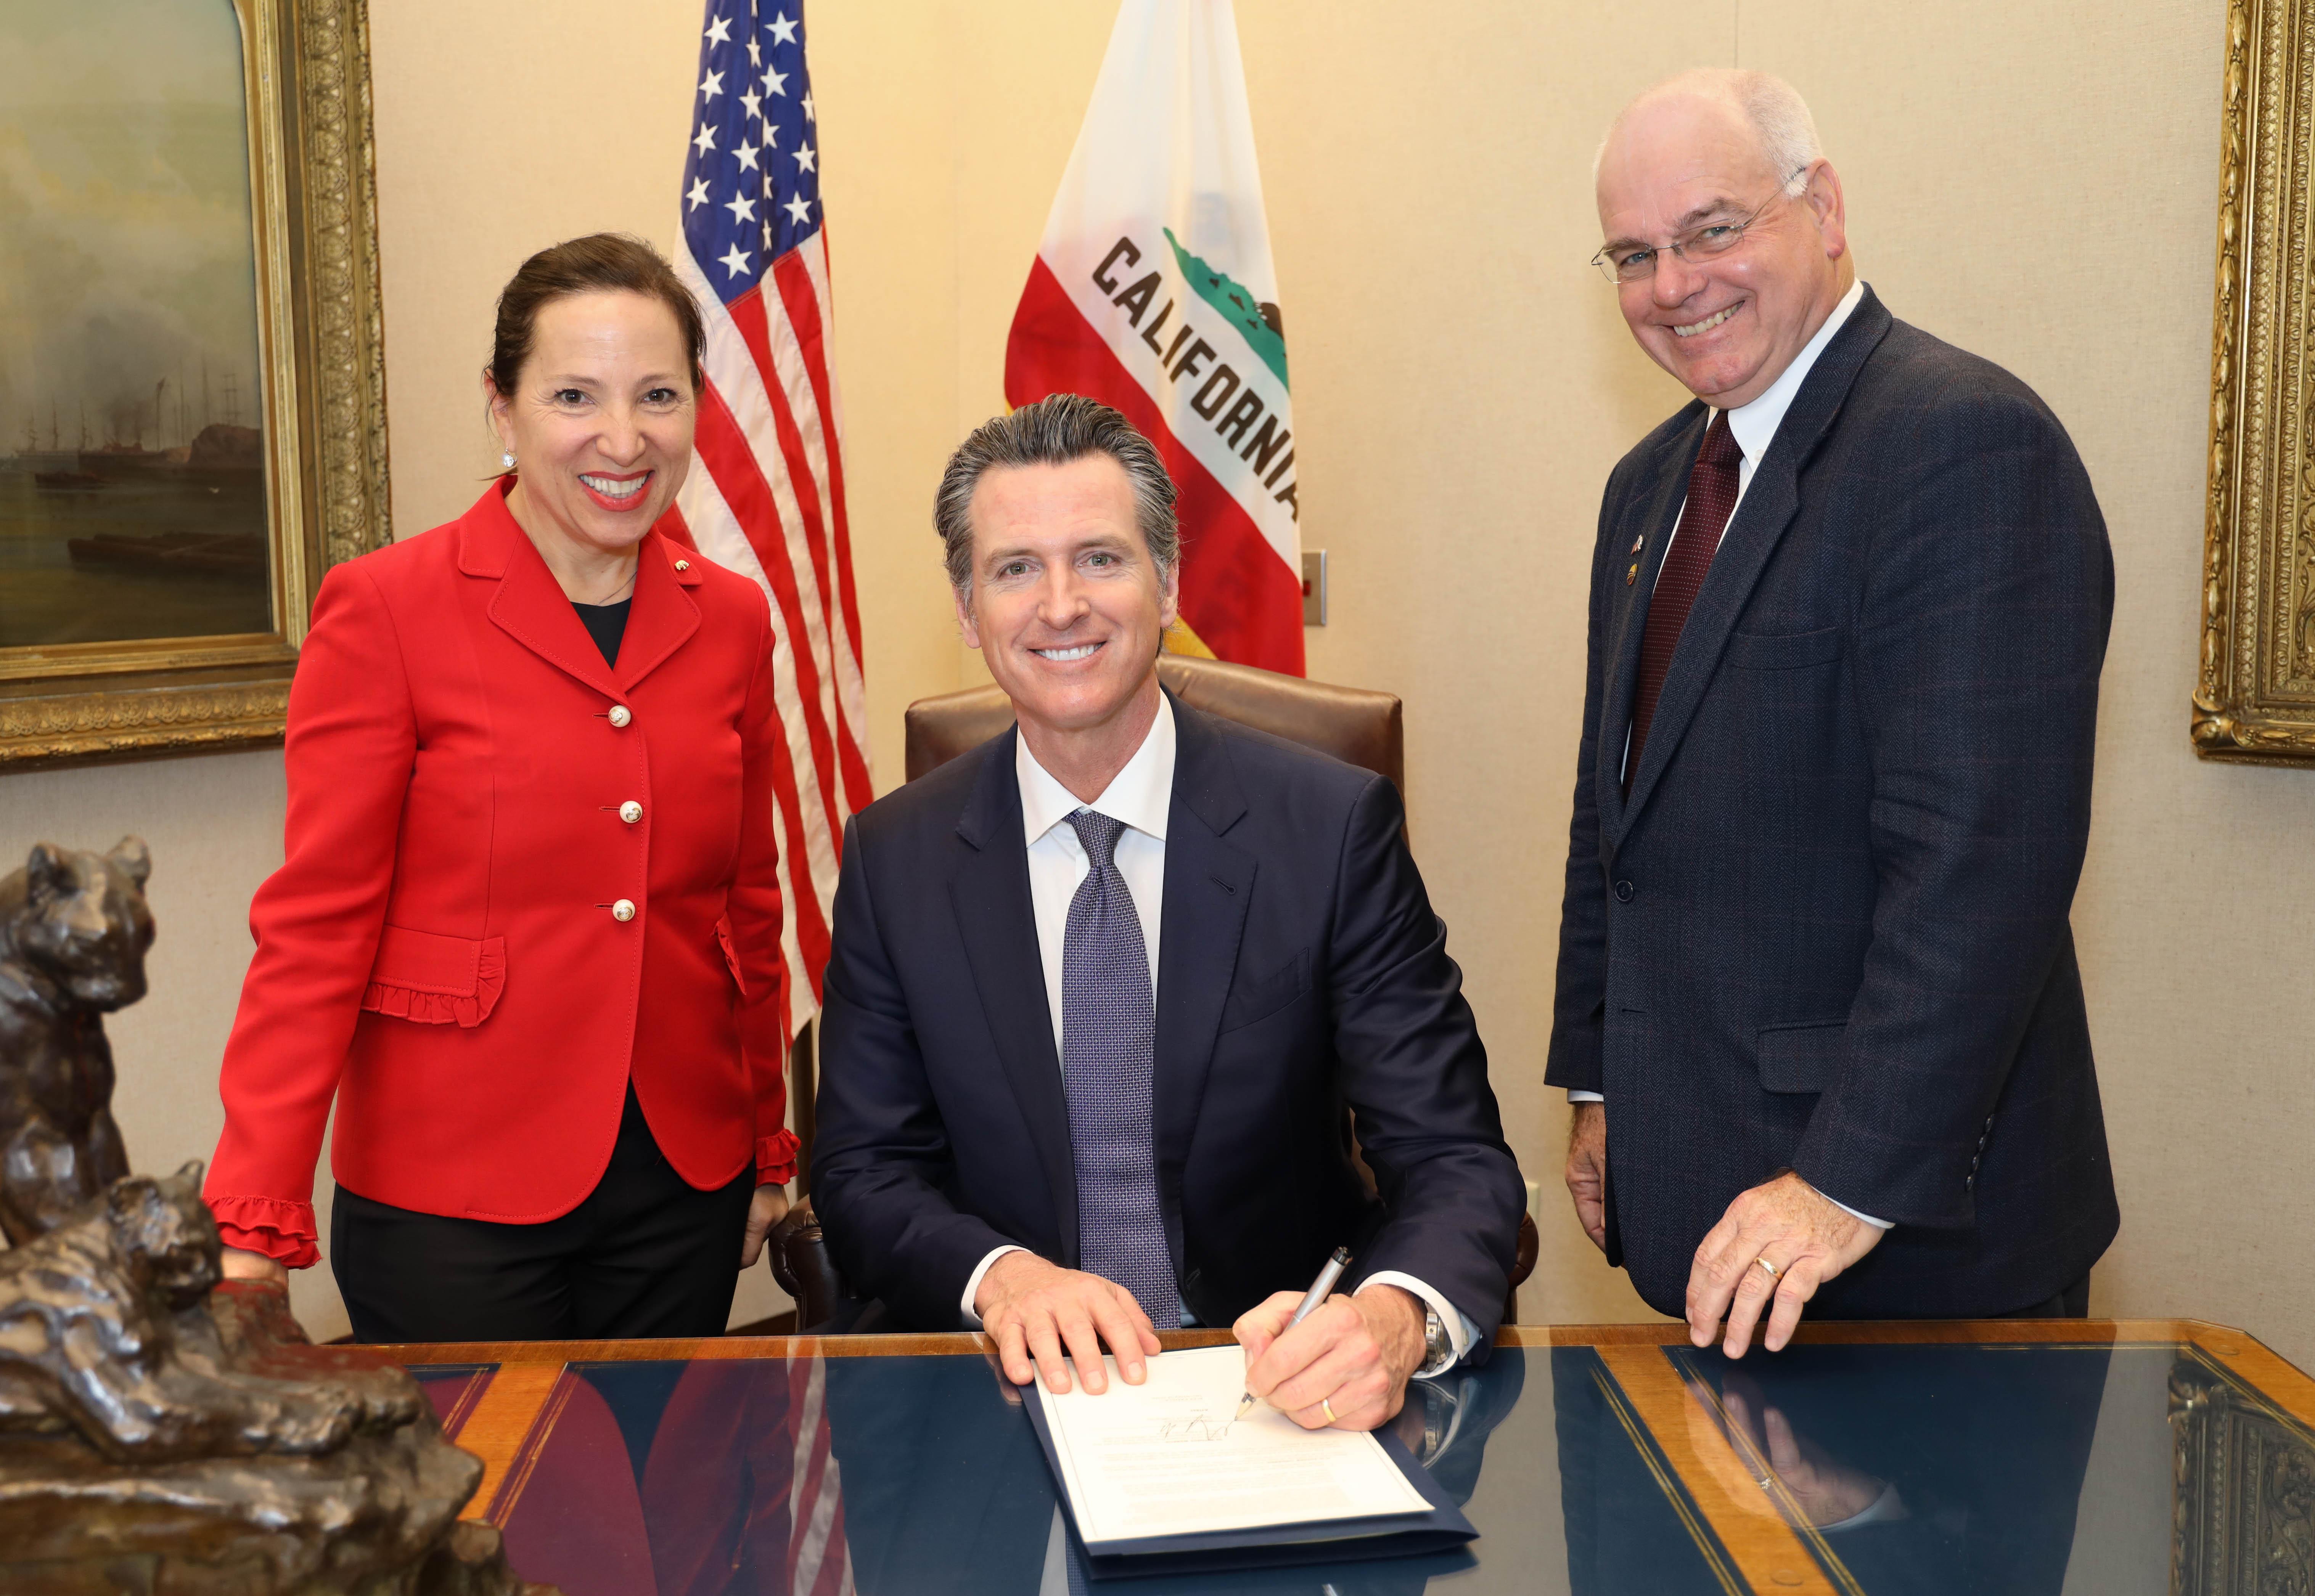 Photo of Lt. Governor Kounalakis, Governor Newsom, and Advisor Mendonca